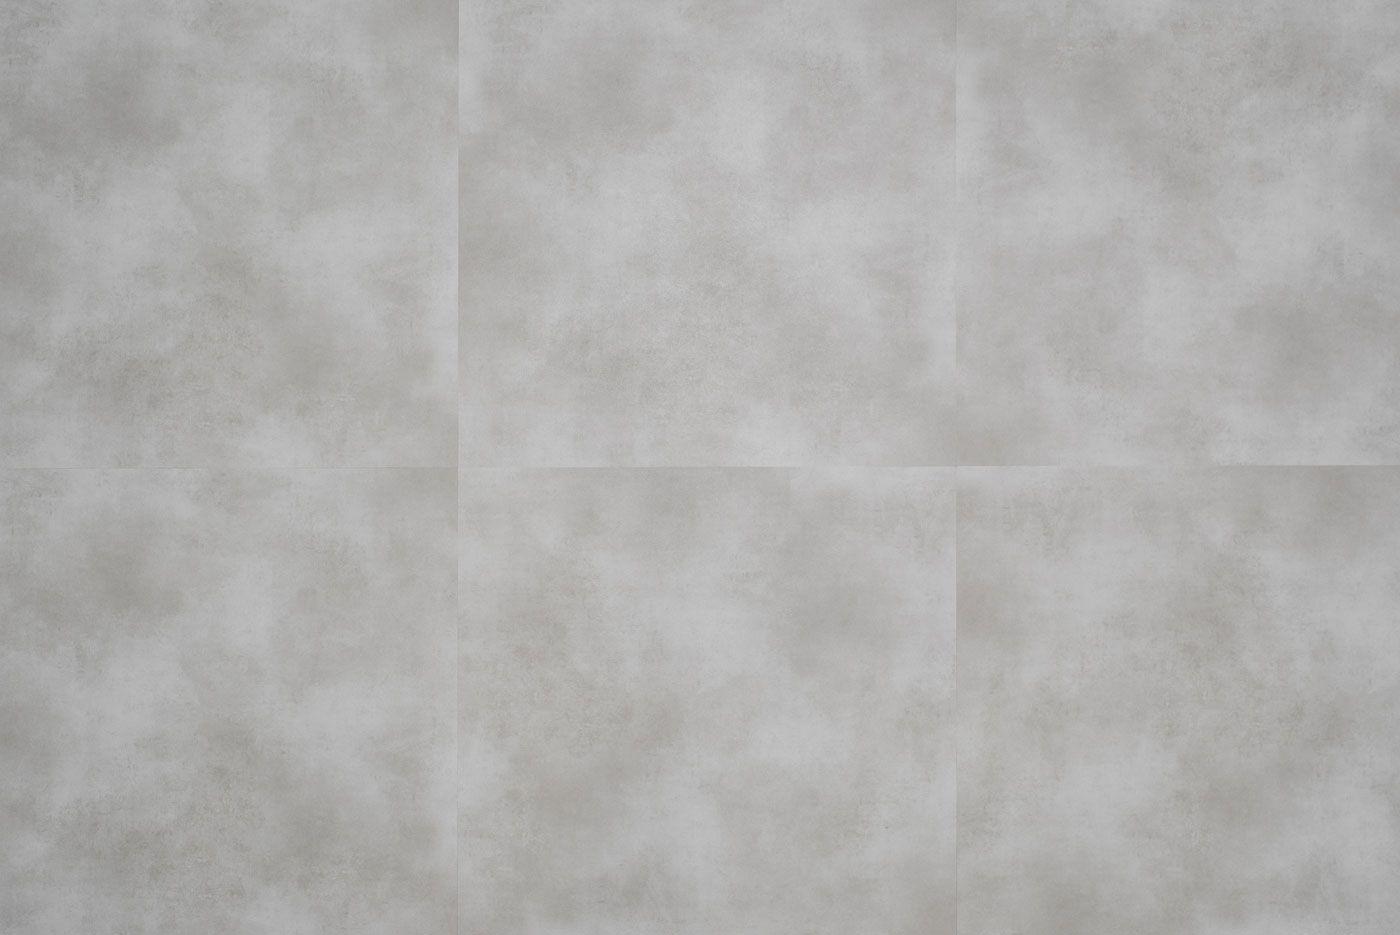 Floer tegel pvc vloeren natuursteen papyruswit kopen